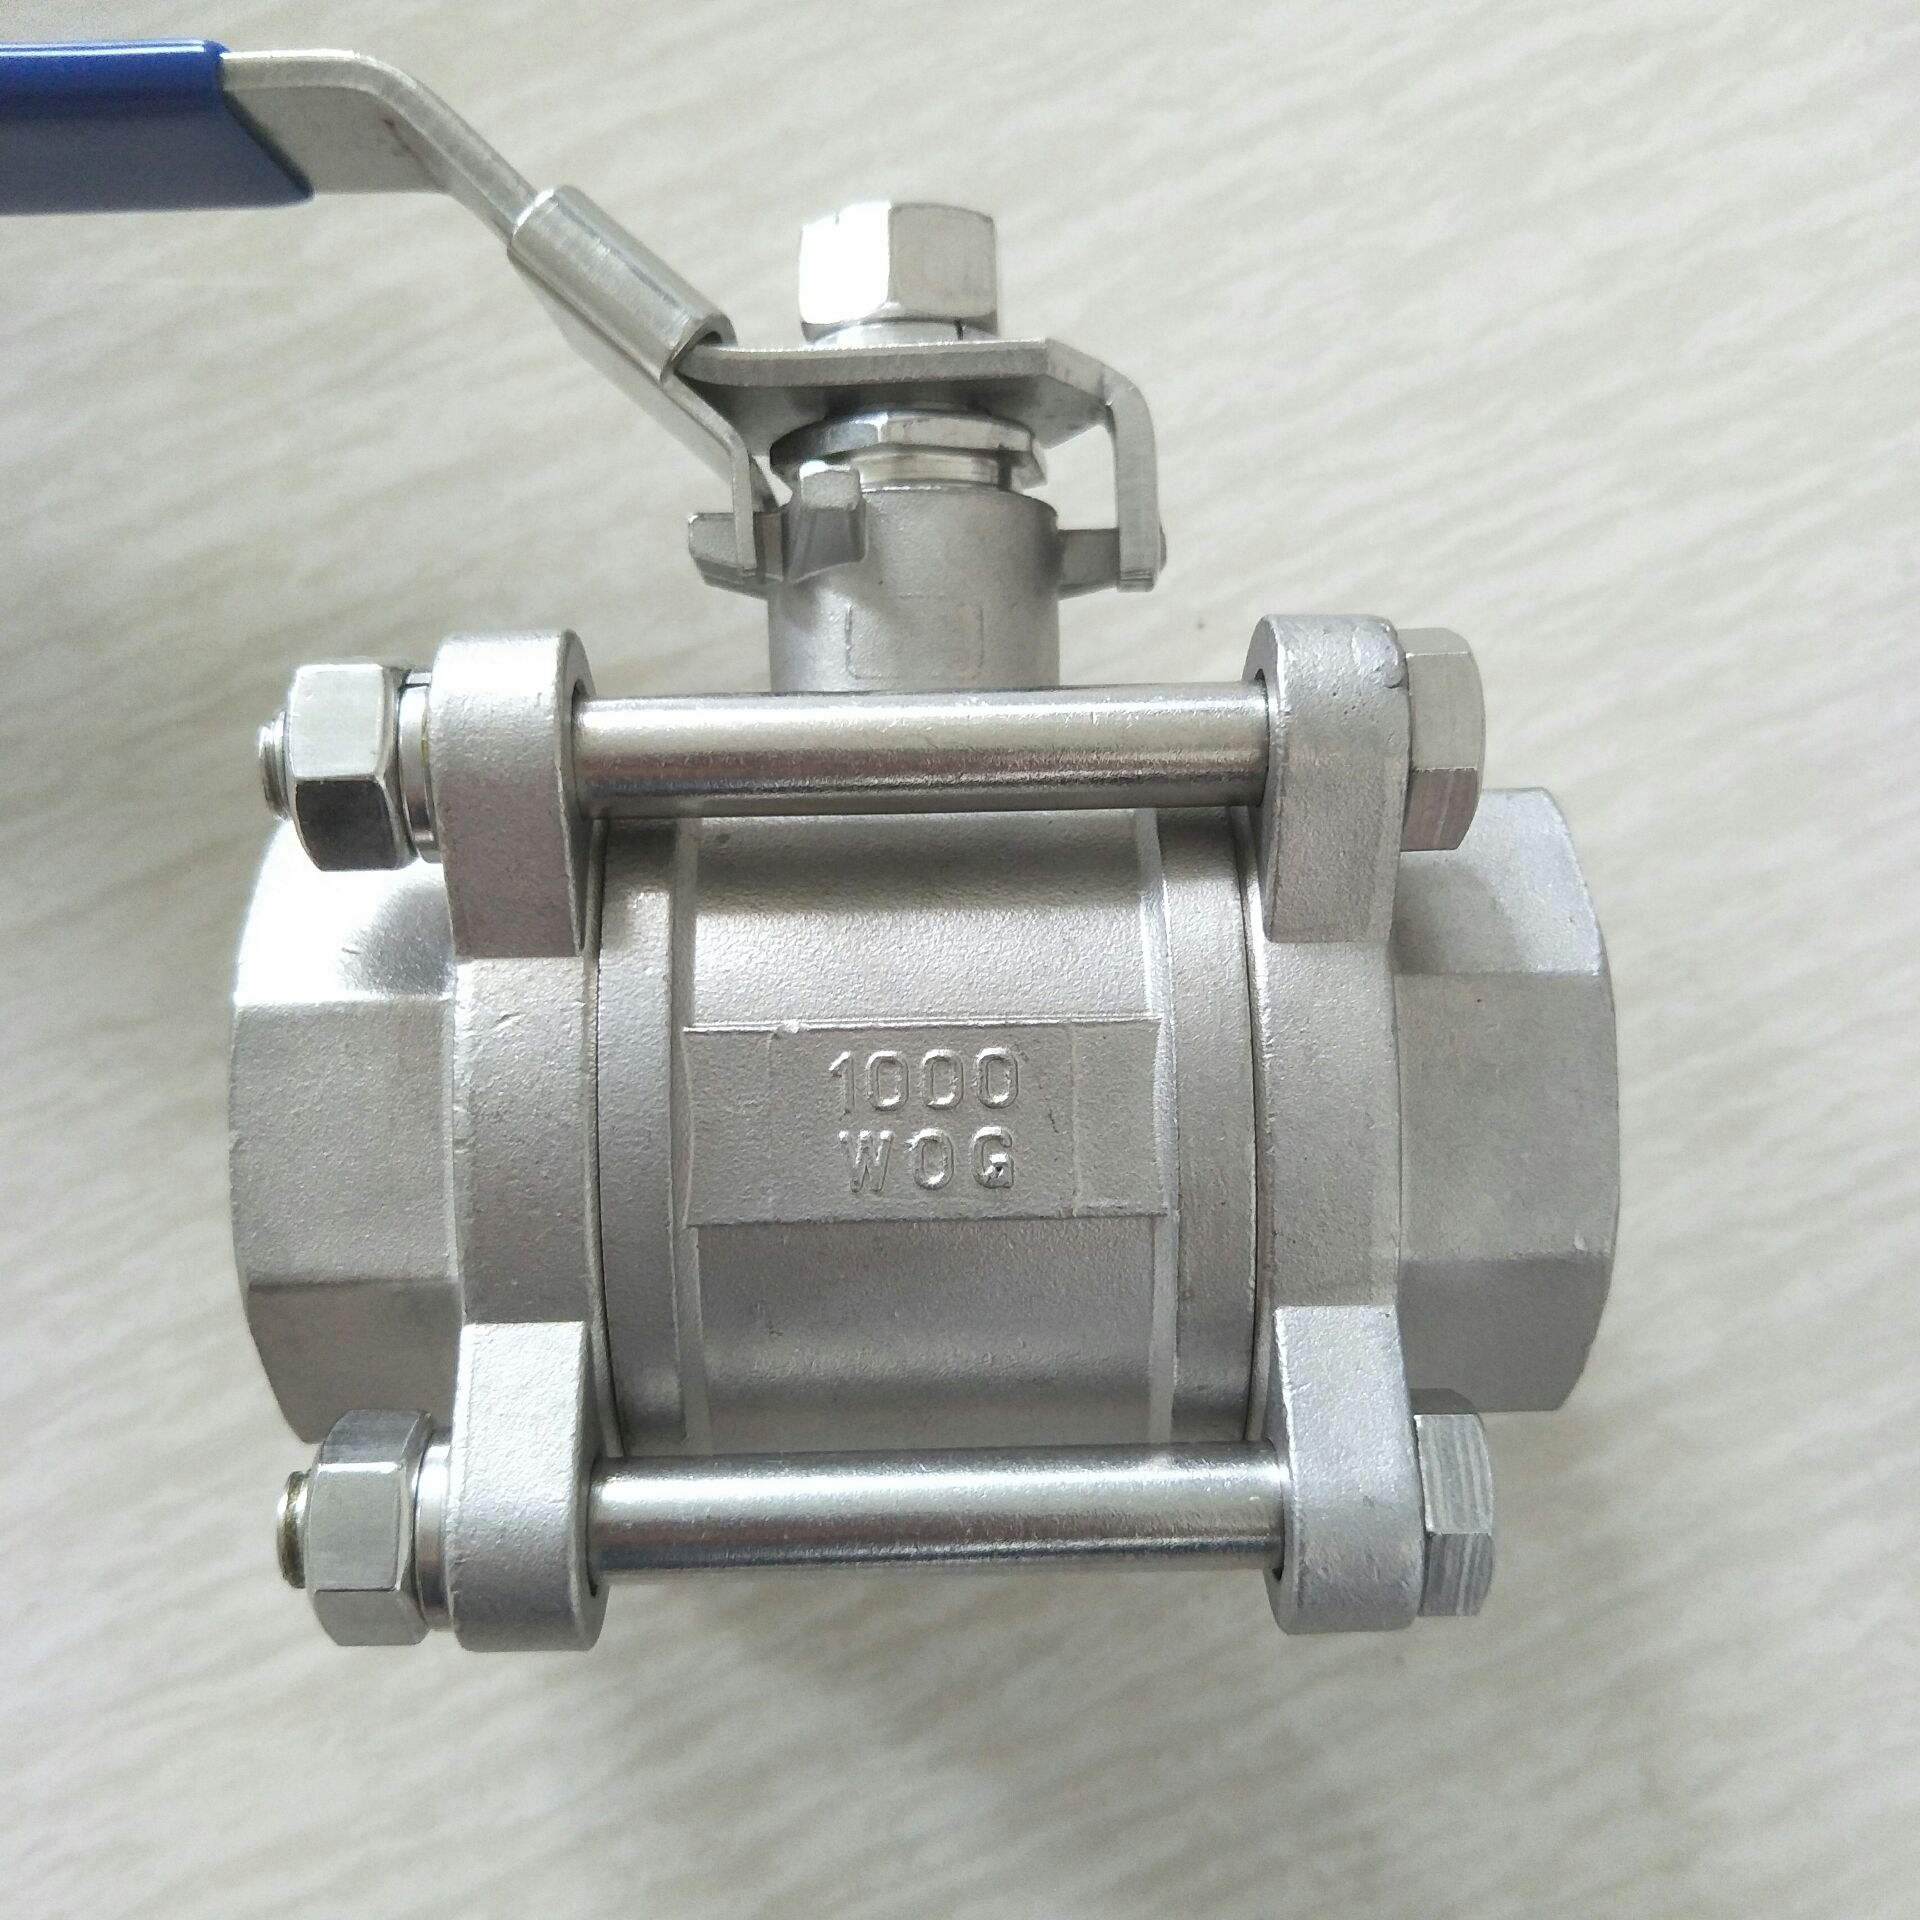 不锈钢三片式球阀 DN40 3PC球阀11/2寸810955072